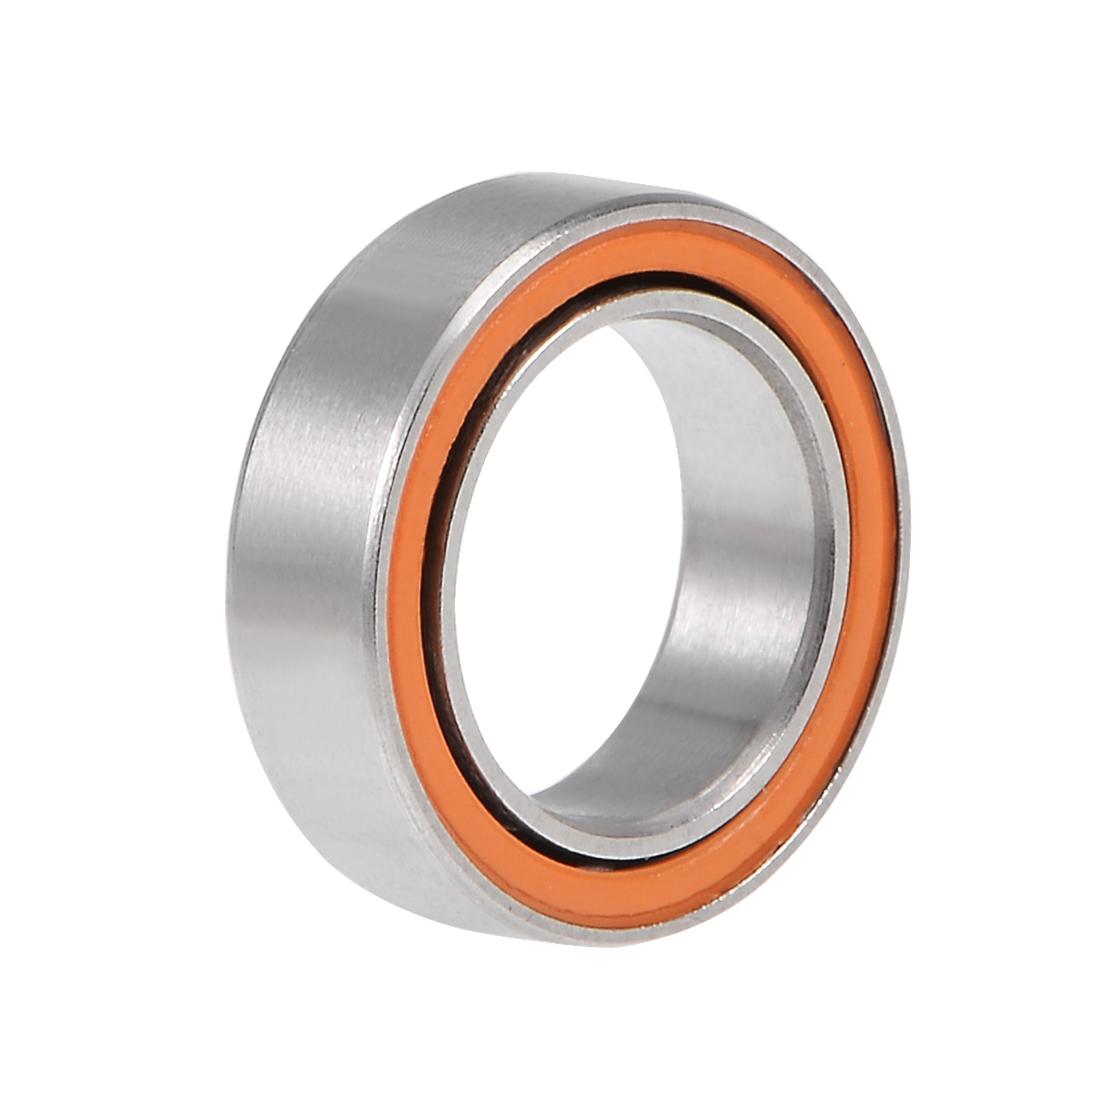 SMR128C-2OS Hybrid Ceramic Ball Bearing 8x12x3.5 ABEC-7 Stainless Steel Bearings